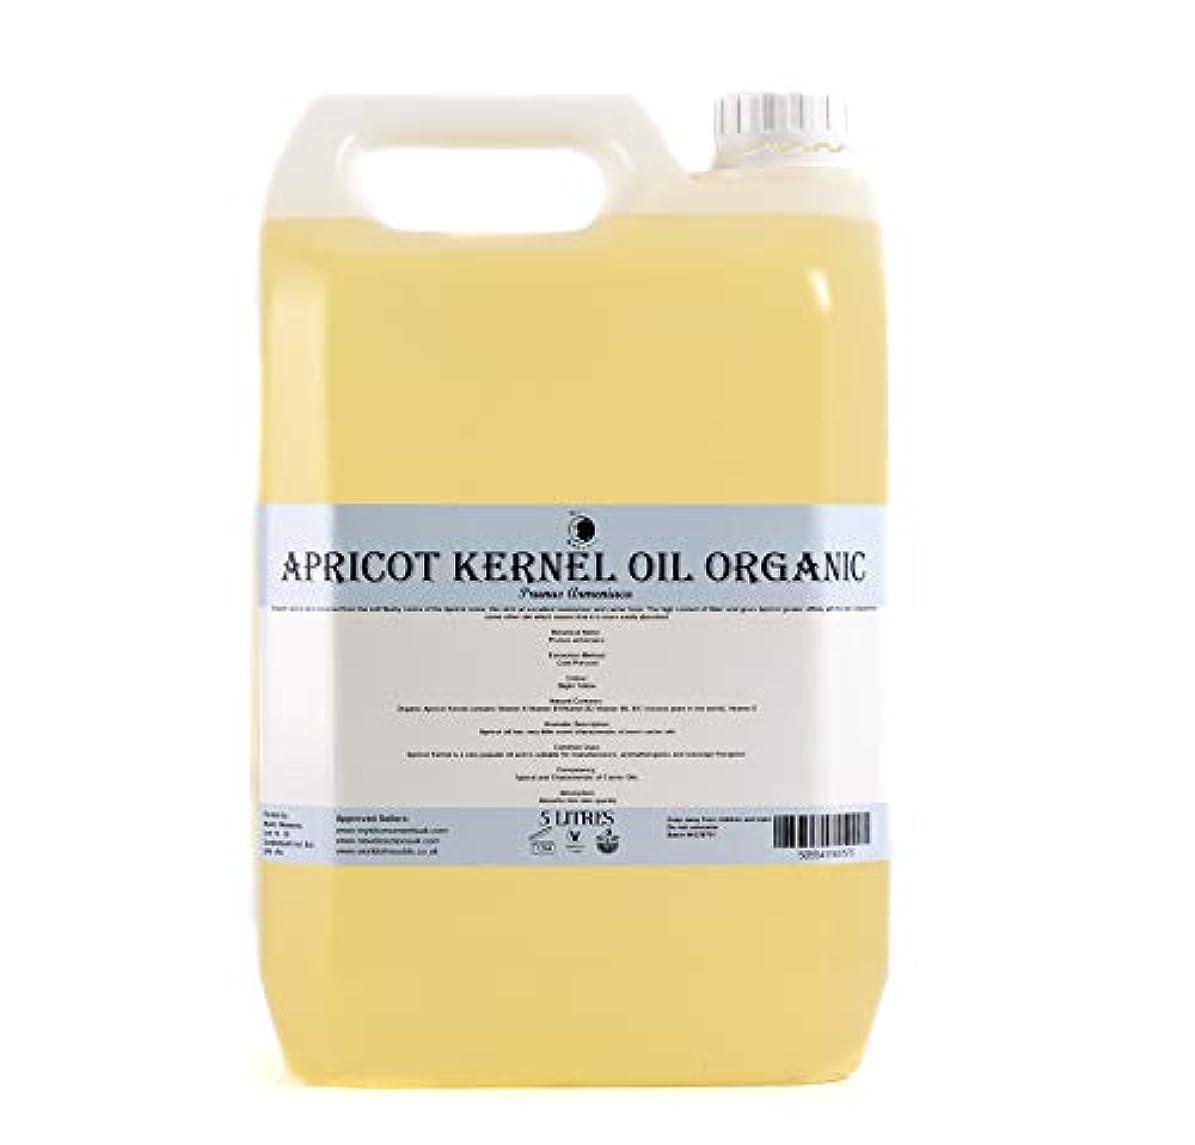 可能性サーキットに行く輸送Mystic Moments | Apricot Kernel Organic Carrier Oil - 5 Litres - 100% Pure